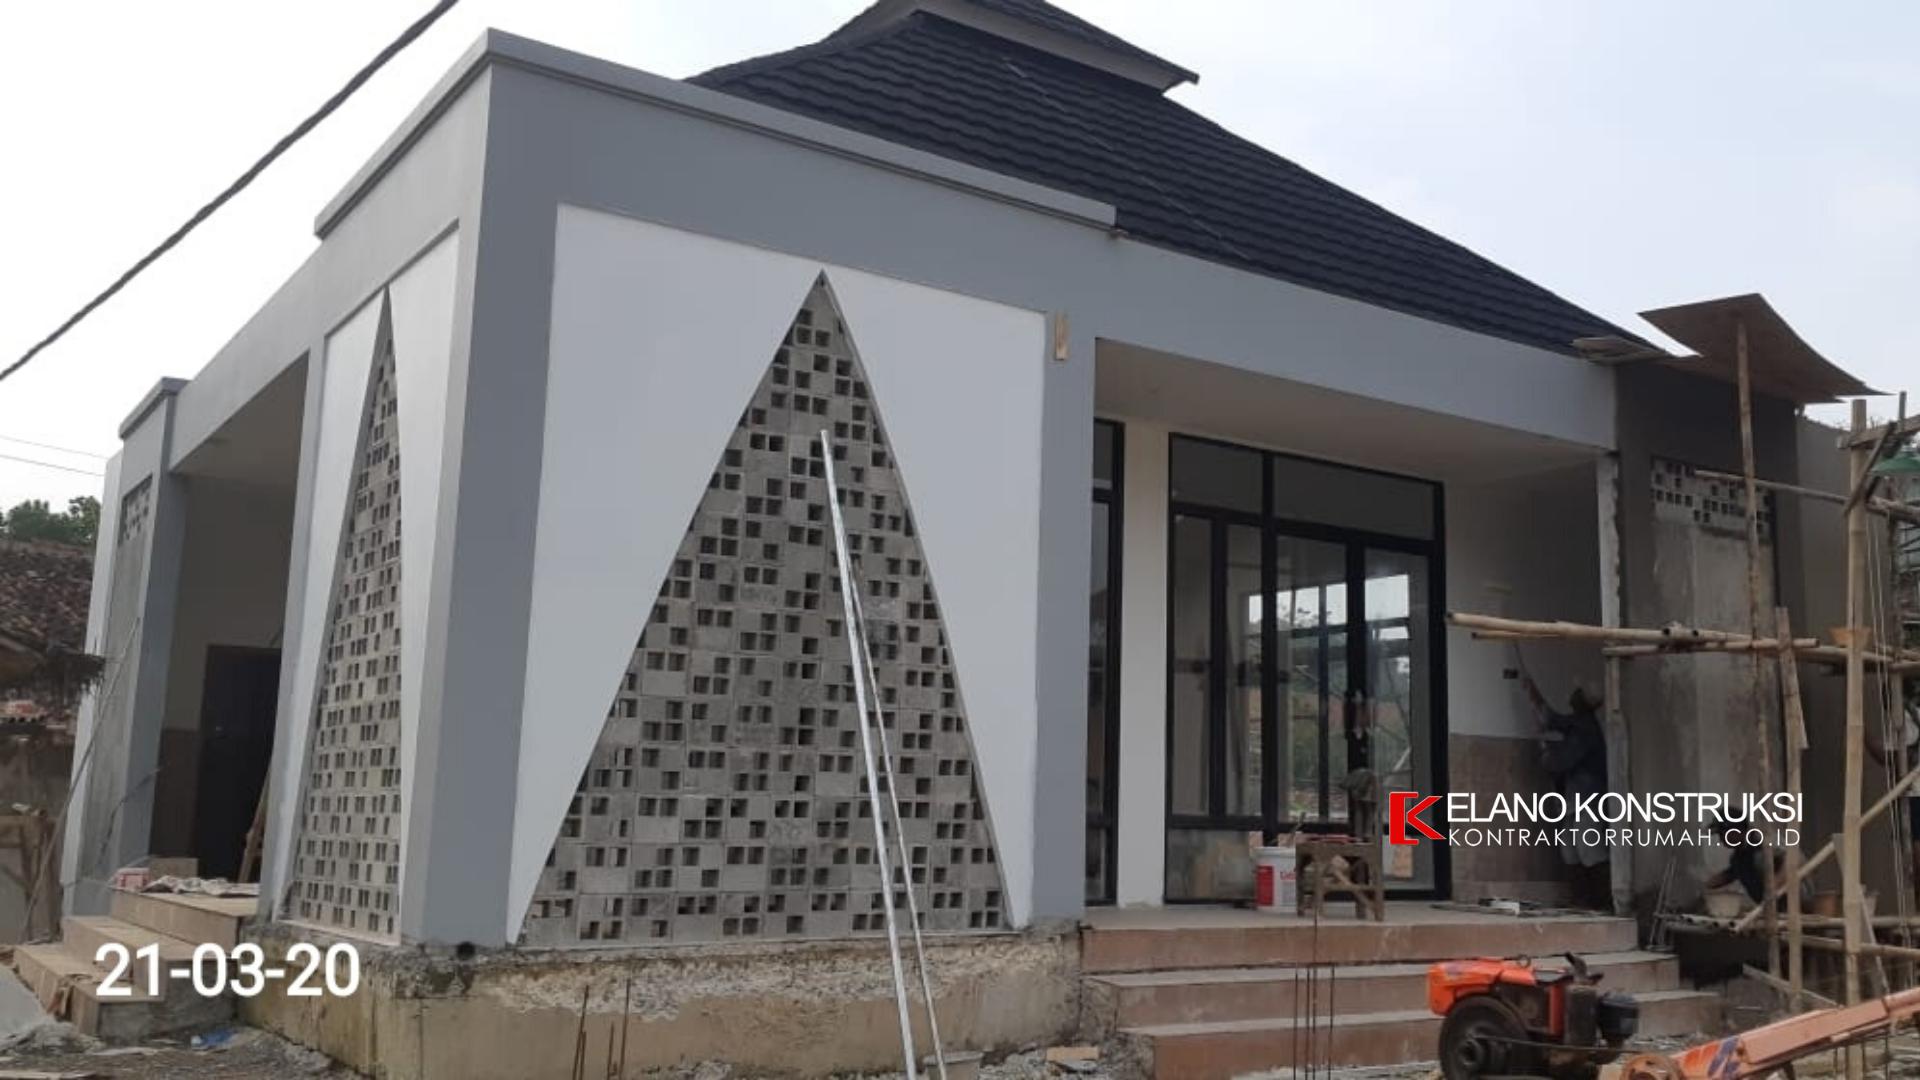 3 1 - Konstruksi Masjid Pesantren Alanwariyah 230 M2 Banten Jawa Barat